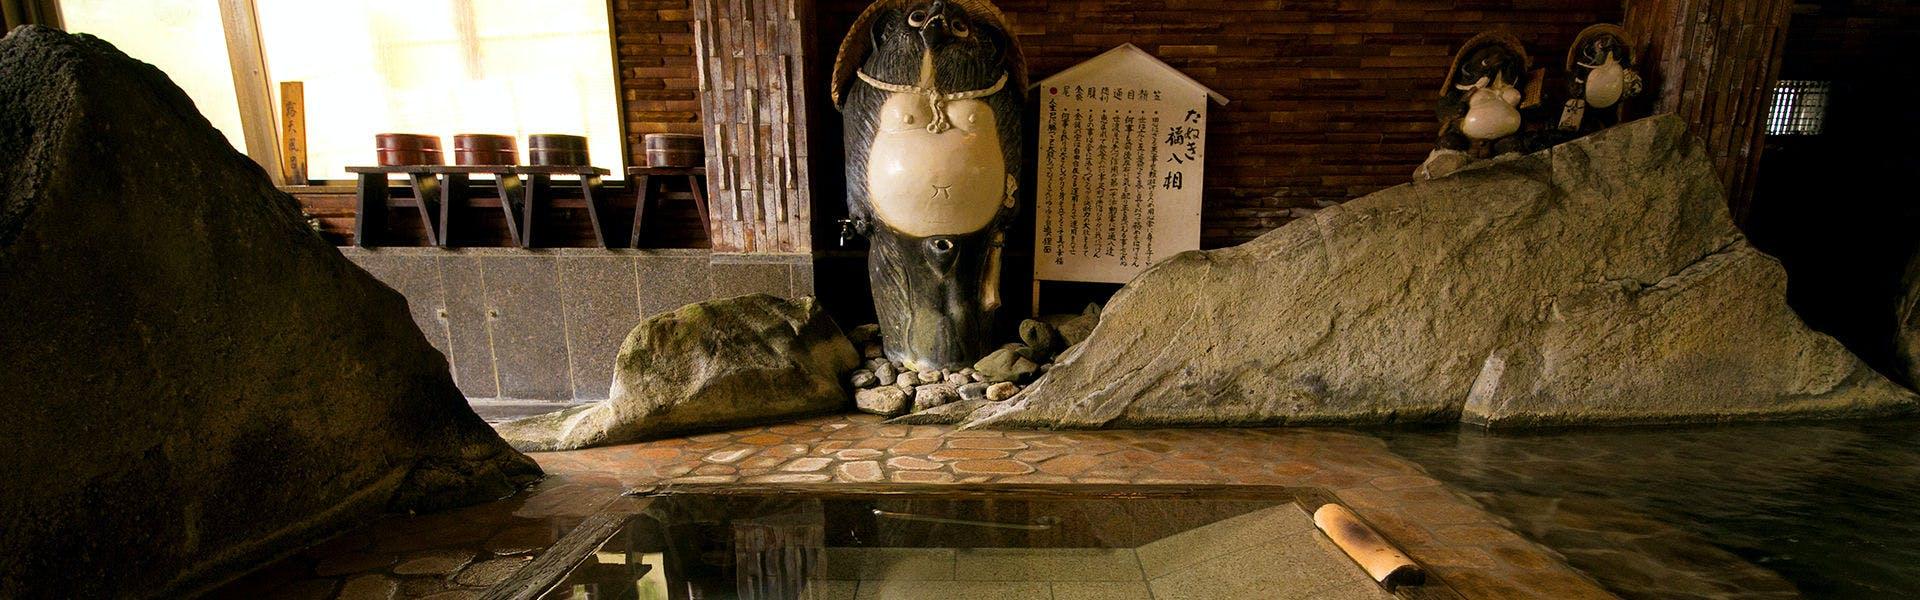 記念日におすすめのホテル・厚木飯山温泉 元湯旅館の写真1